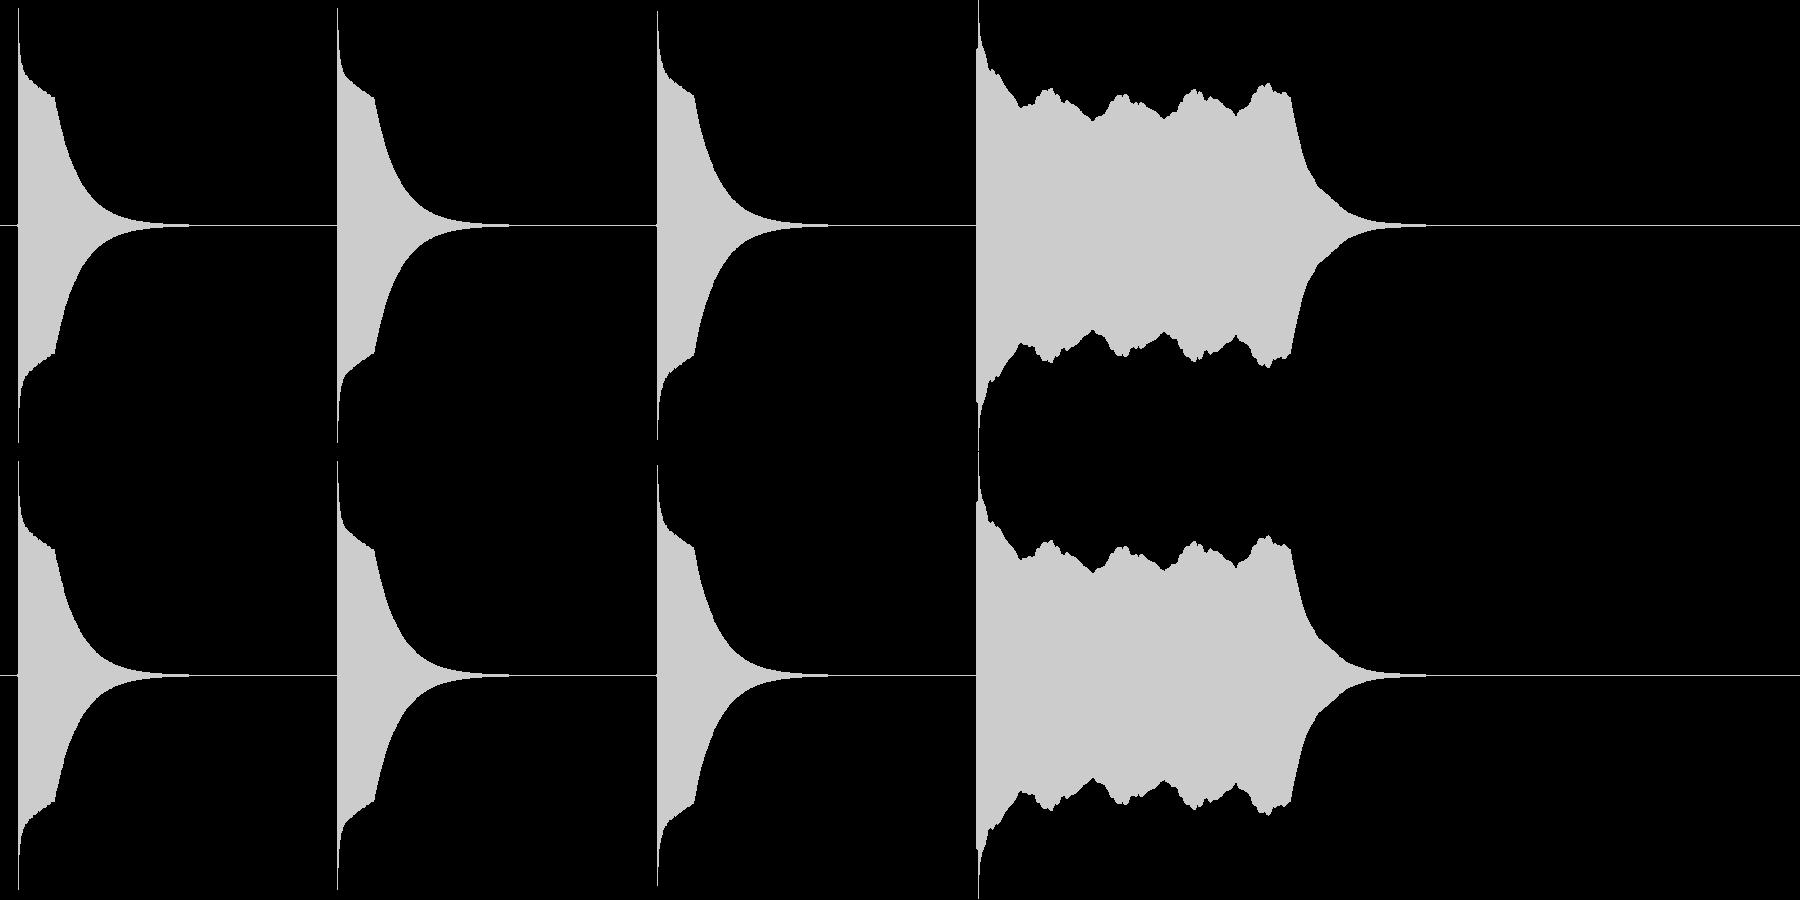 シンプルなよーいドンの音の未再生の波形